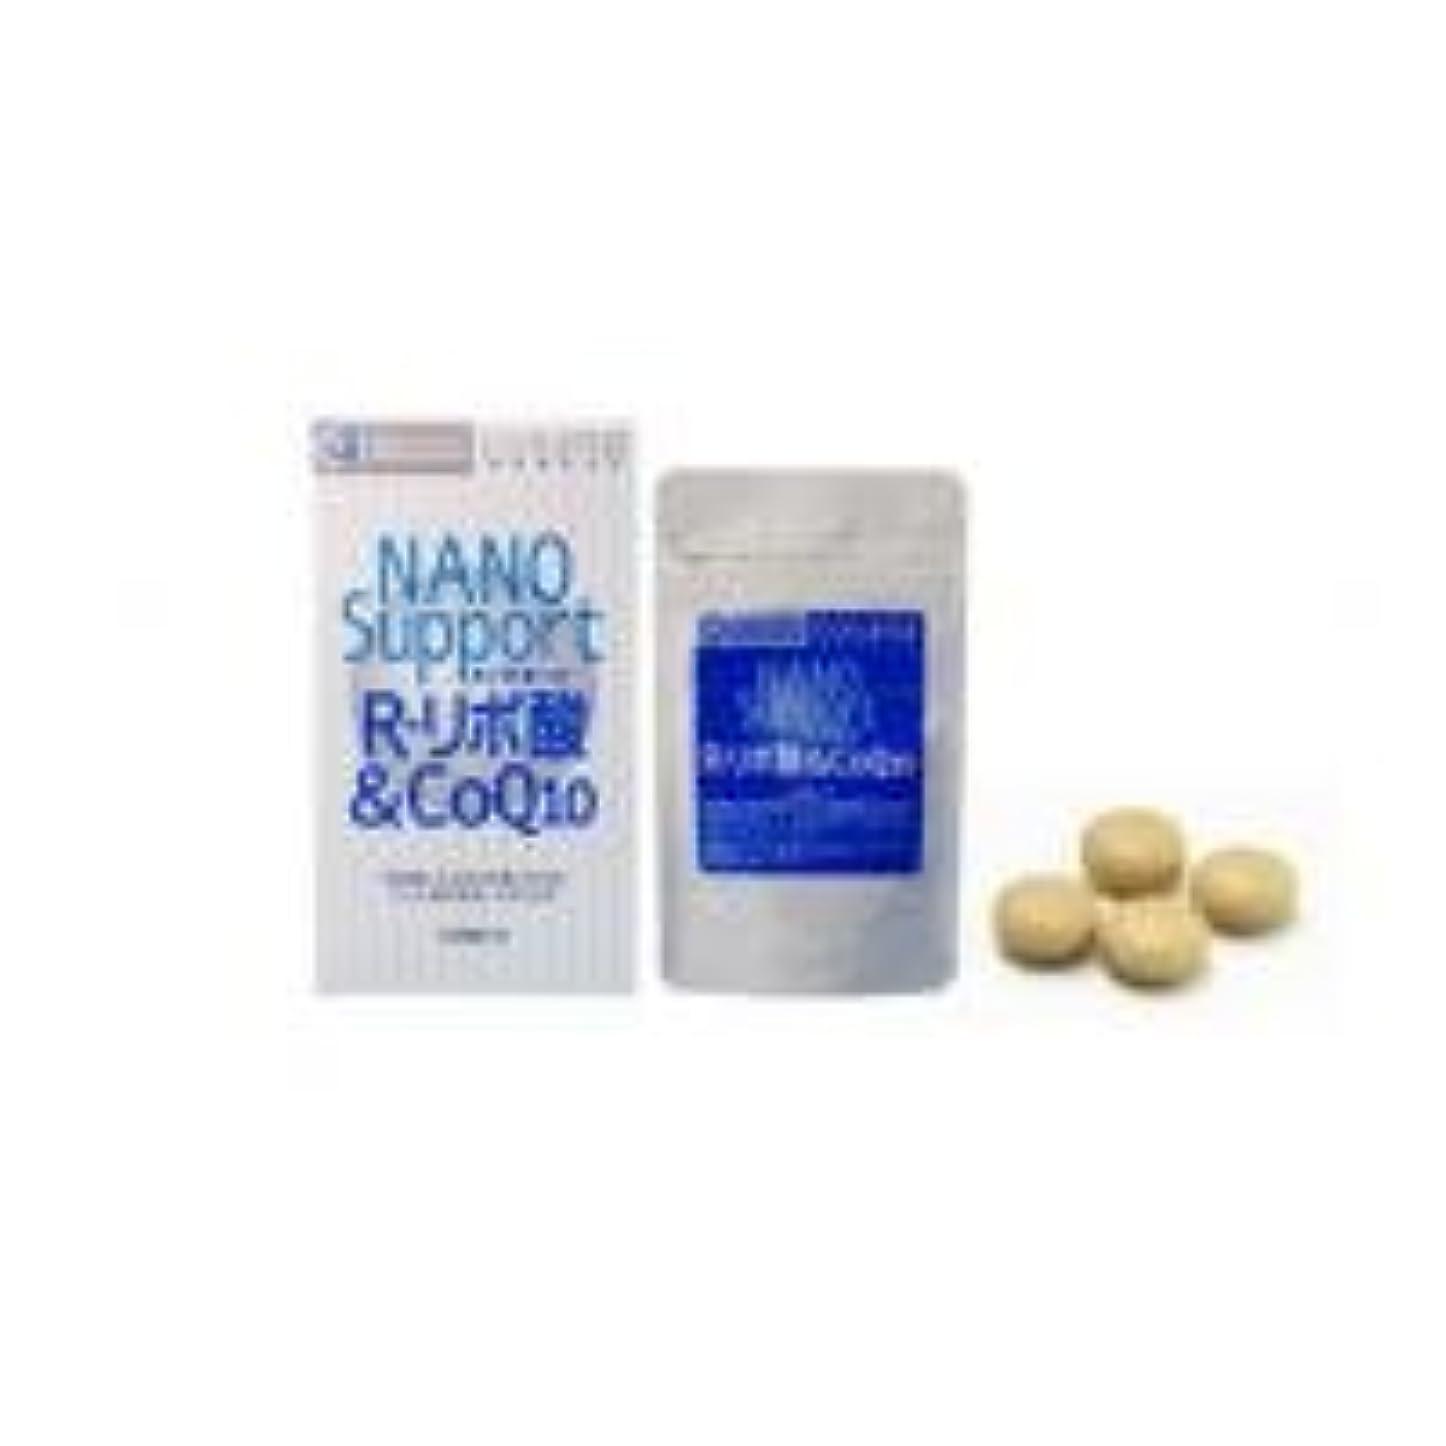 技術者ネブ服を洗うナノサポートR-リポ酸&CoQ10